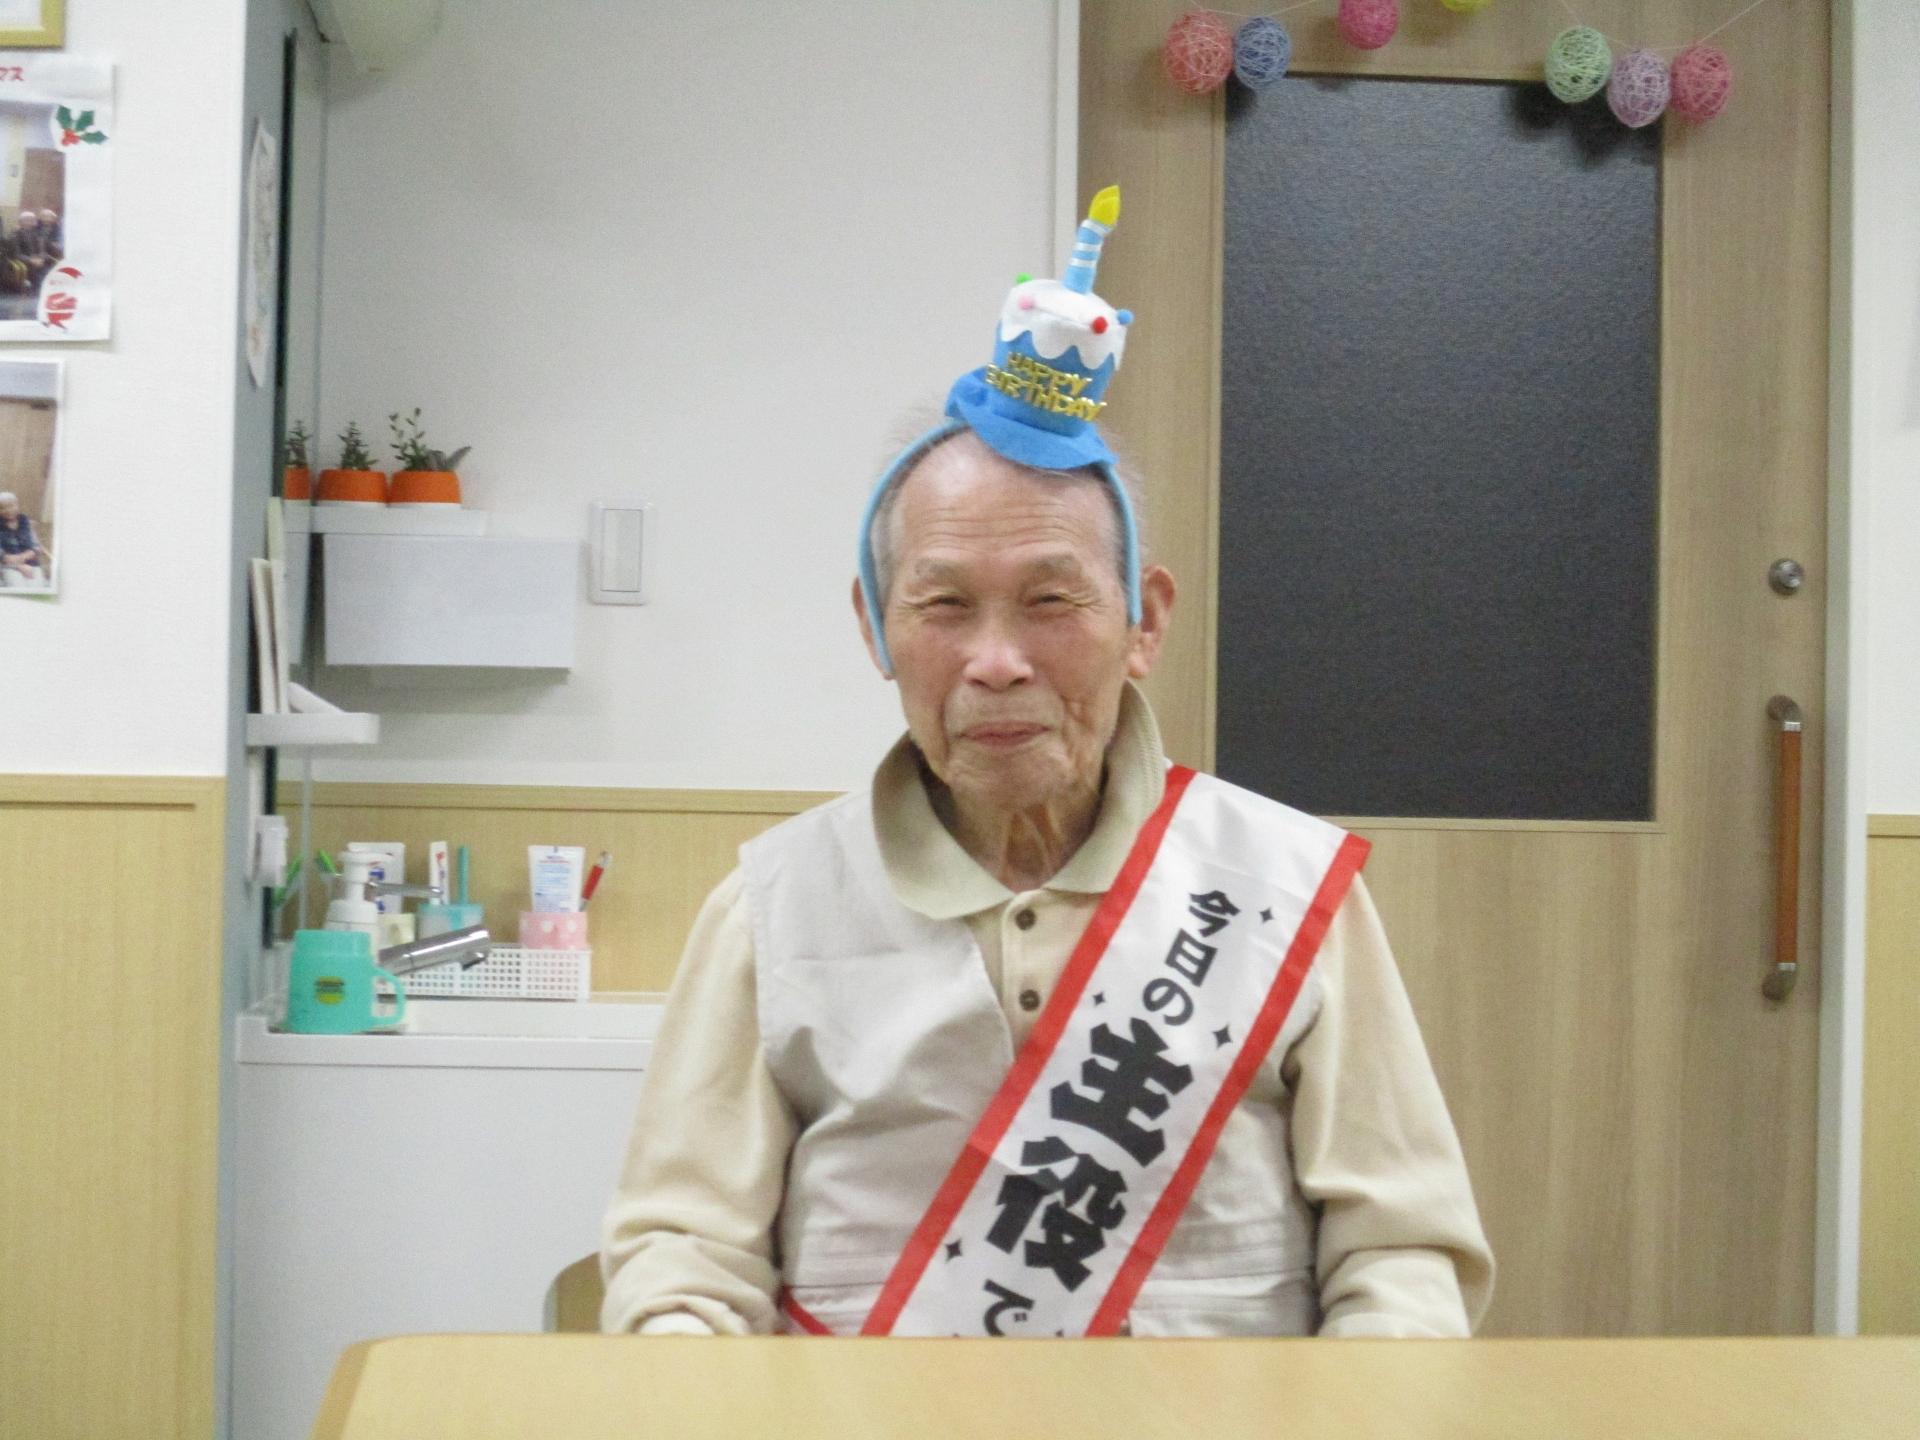 今日は誕生日【グループホーム幸せふくろう万田】